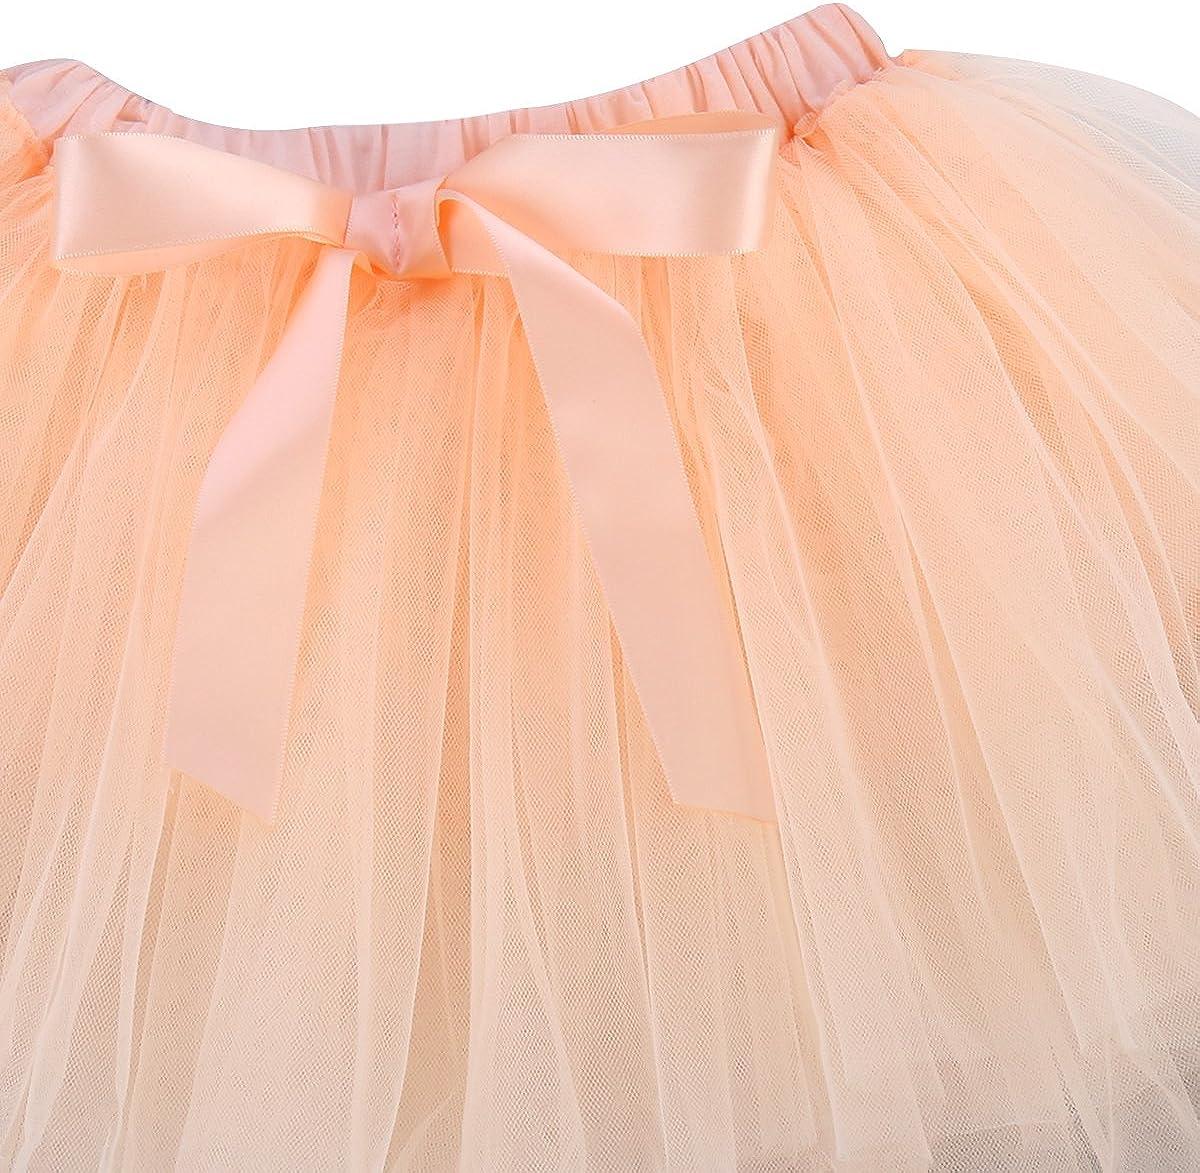 Gonna TTYAOVO Bambina 1 /° Compleanno Principessa Tutu Gonna Vestiti 3 Pezzi Set Abiti Pagliaccetto 4-24 Mesi + Leggings Fascia